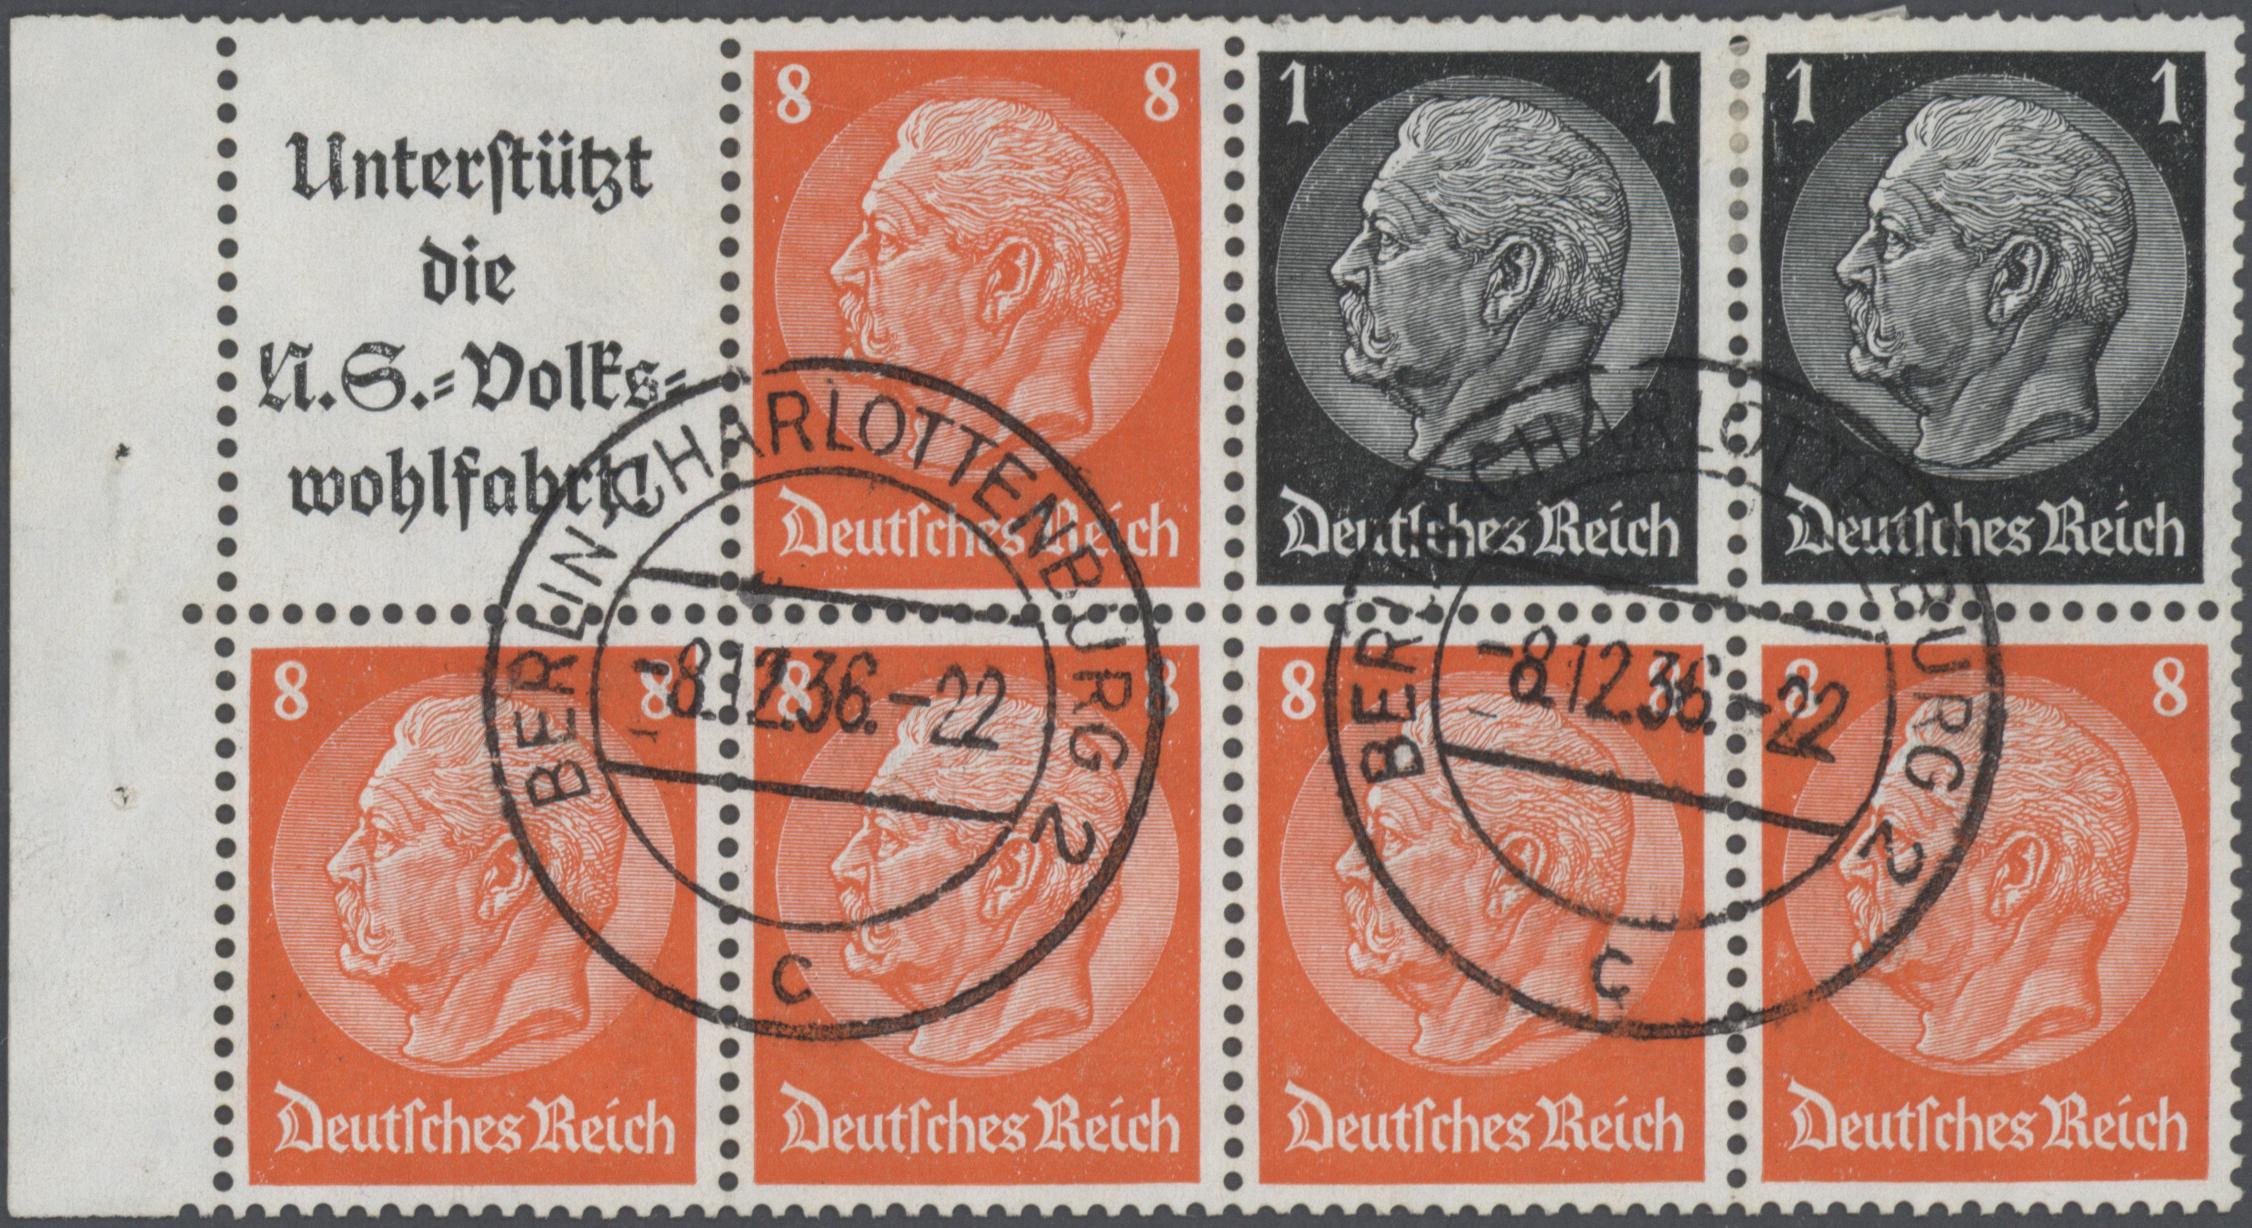 Lot 31709 - Deutsches Reich - Zusammendrucke  -  Auktionshaus Christoph Gärtner GmbH & Co. KG Auction #40 Collections Germany, Wunderkartons